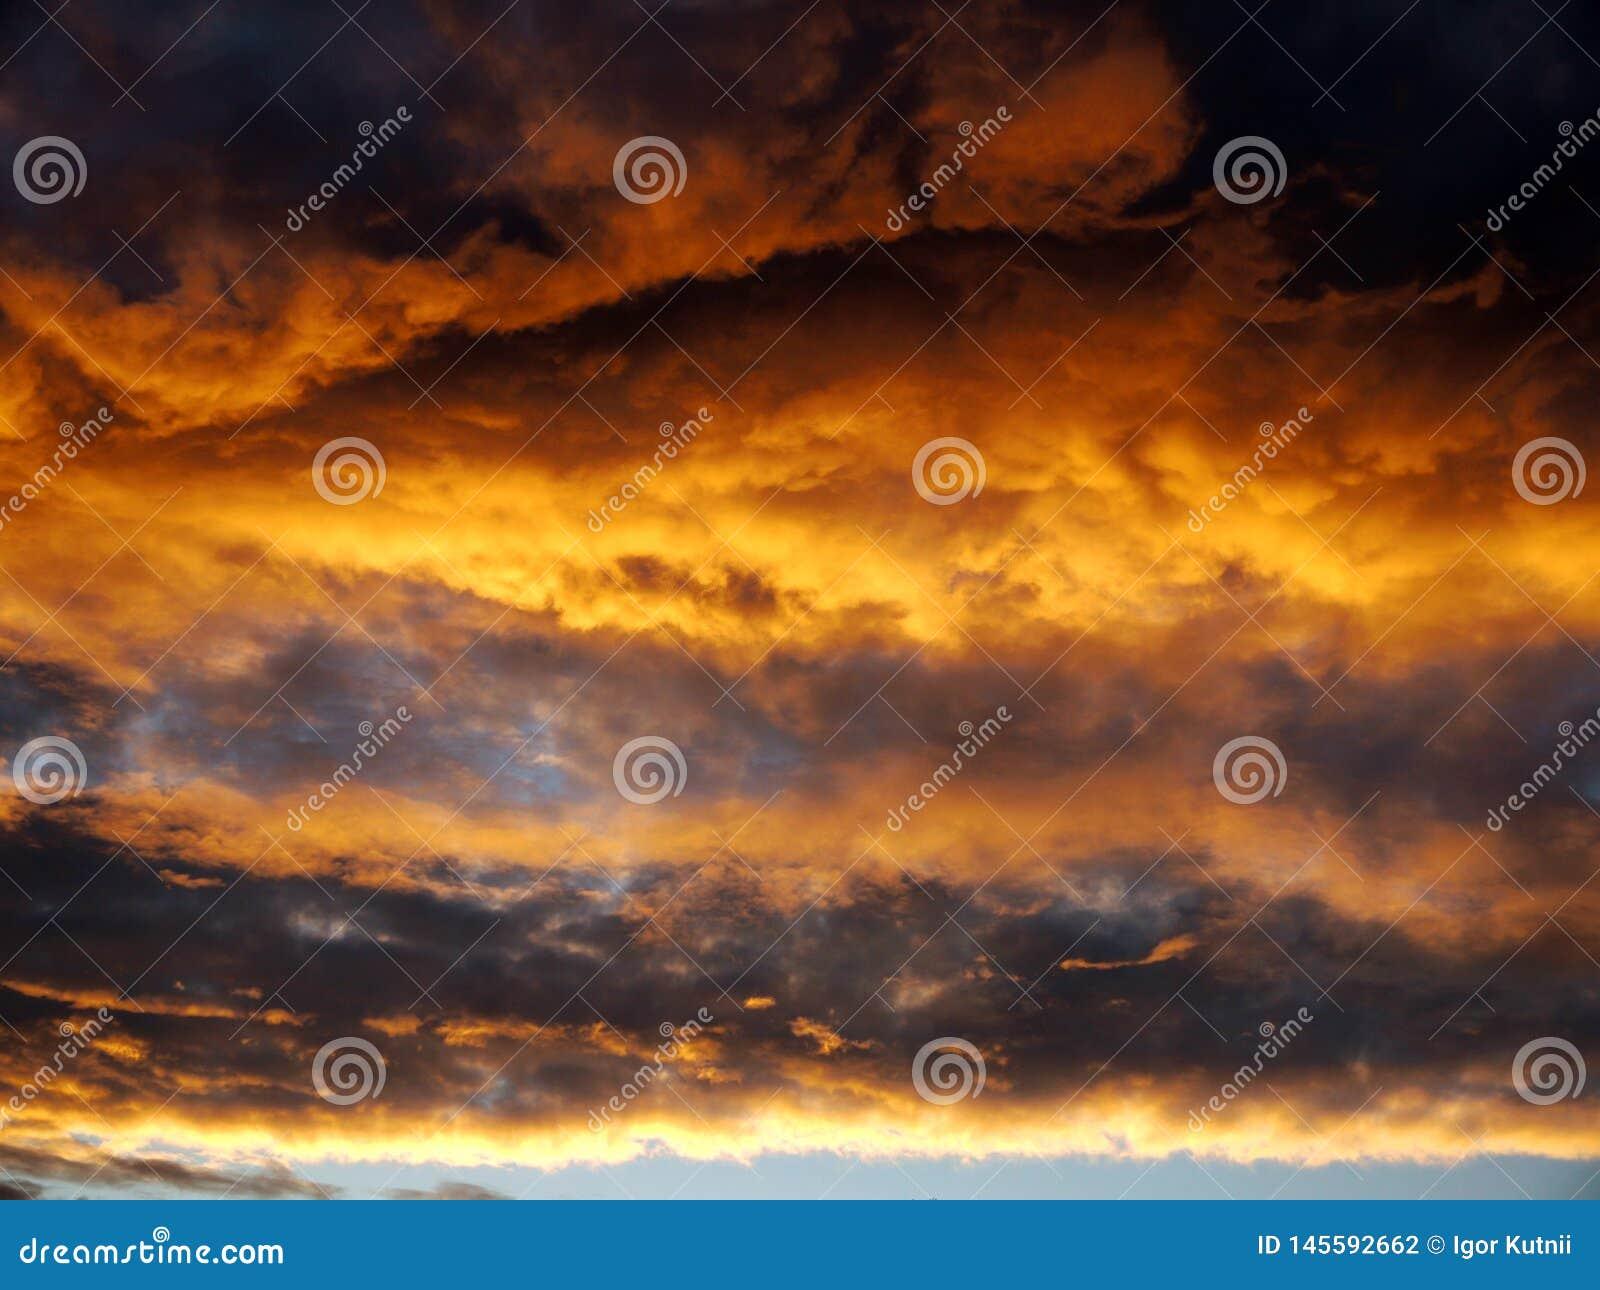 Puesta del sol antes de una tempestad de truenos de la noche con lluvia thunderclouds